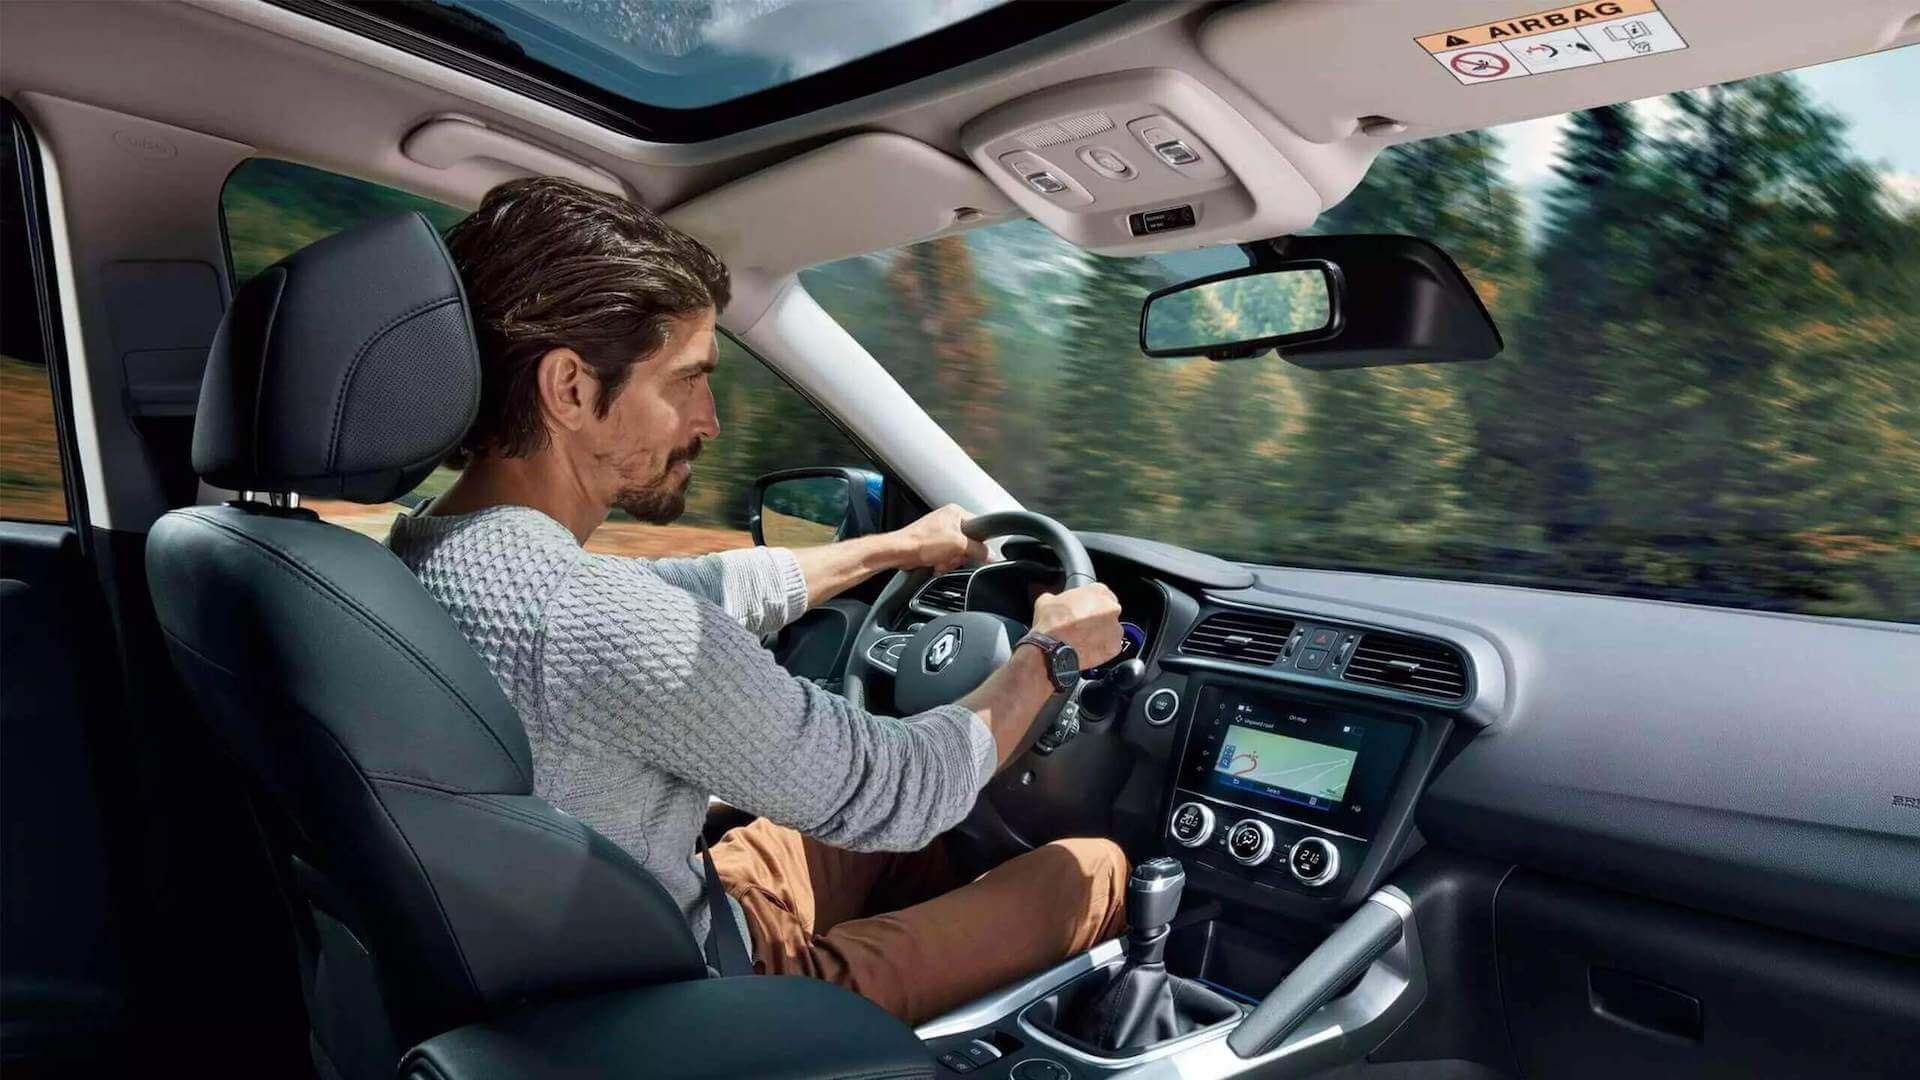 Cockpit - Auto von Innen- Mann am Steuer - Renault Kadjar - Renault Ahrens Hannover